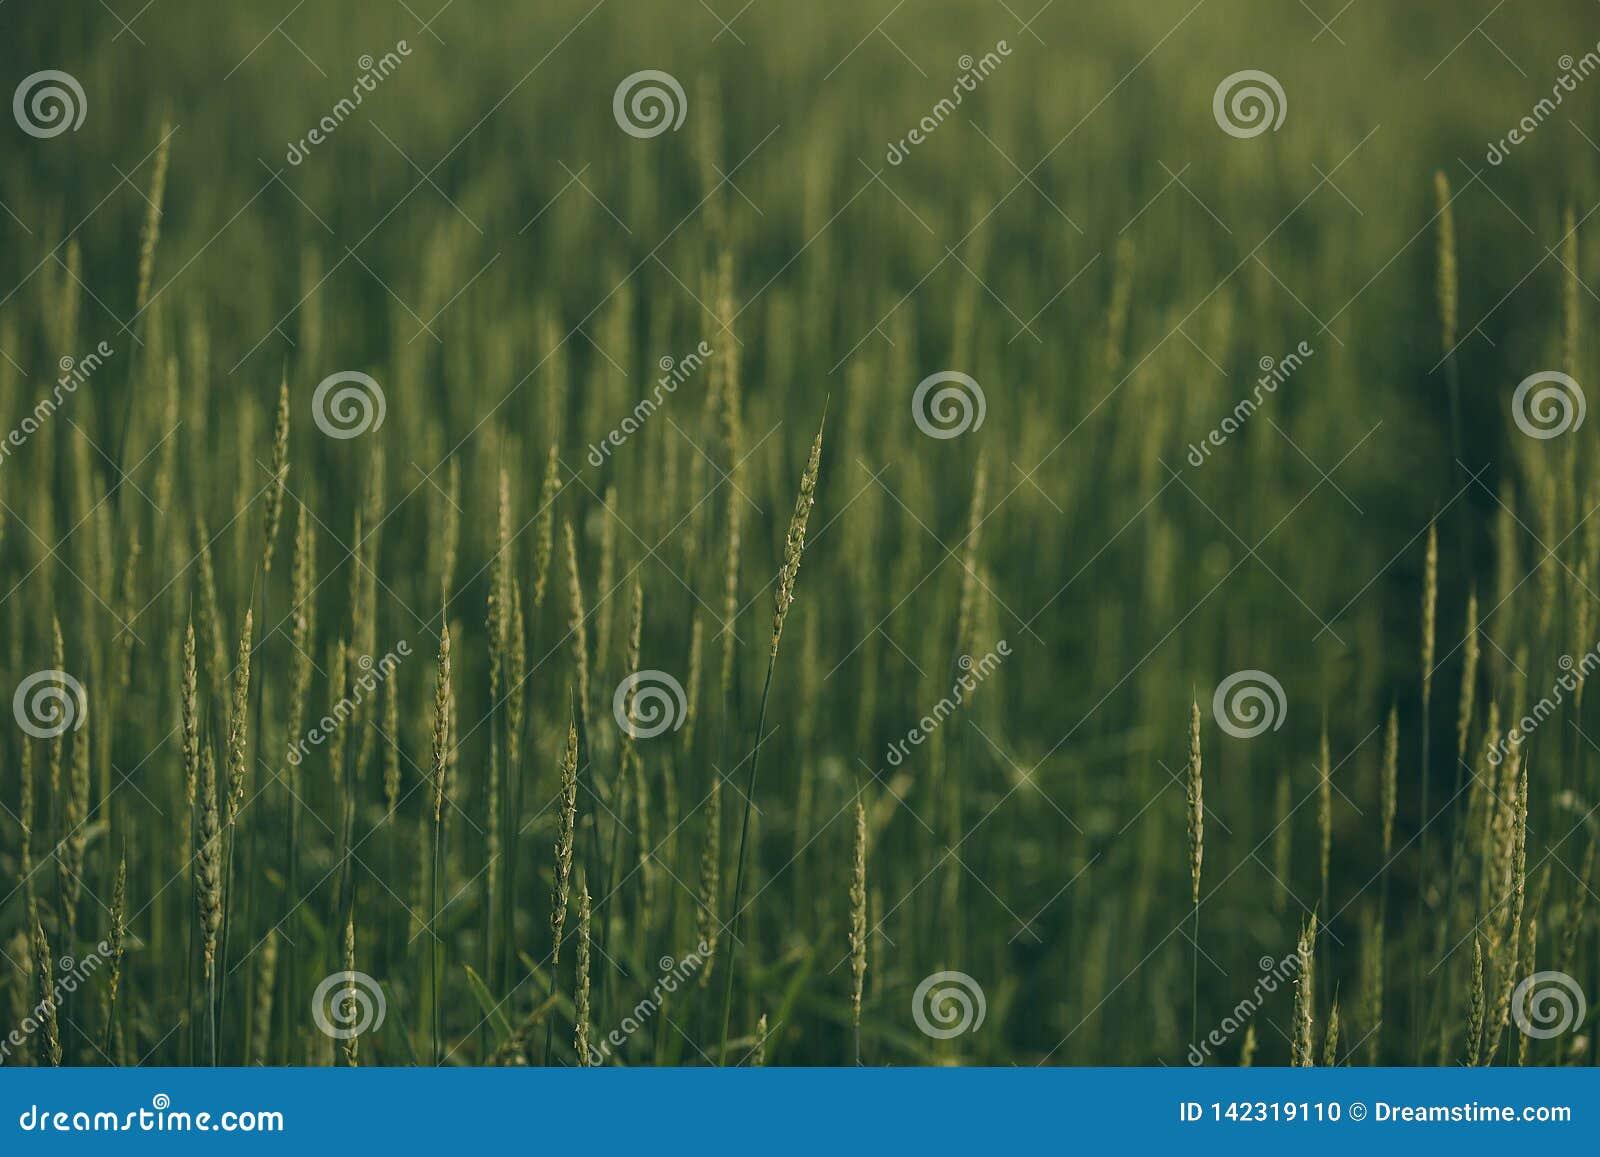 Ακίδες σε έναν πράσινο τομέα